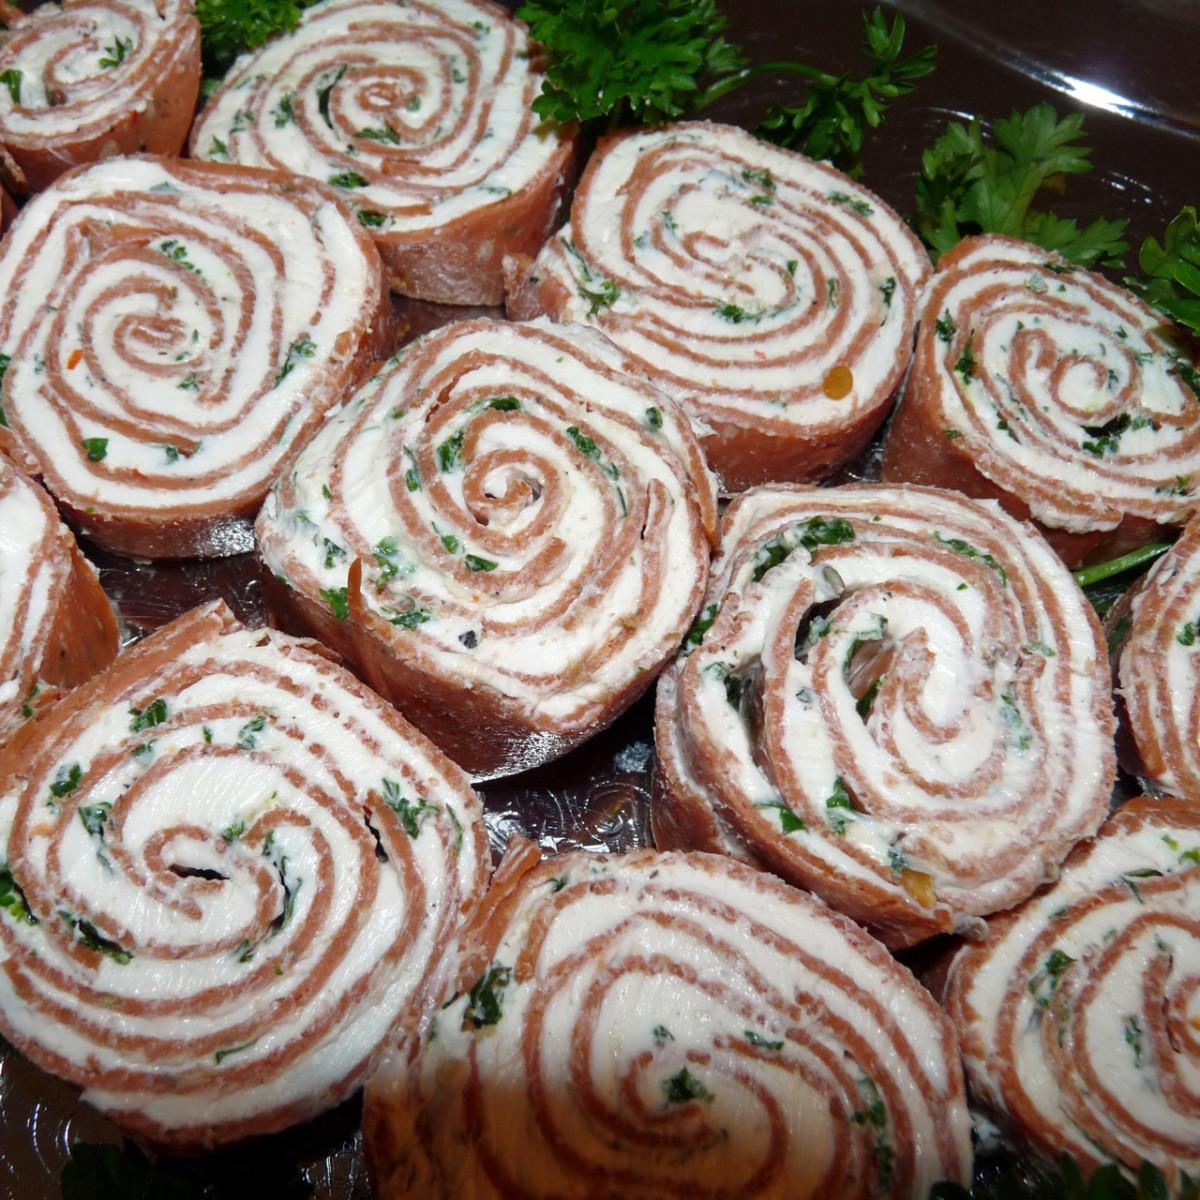 A tray of salami pinwheels